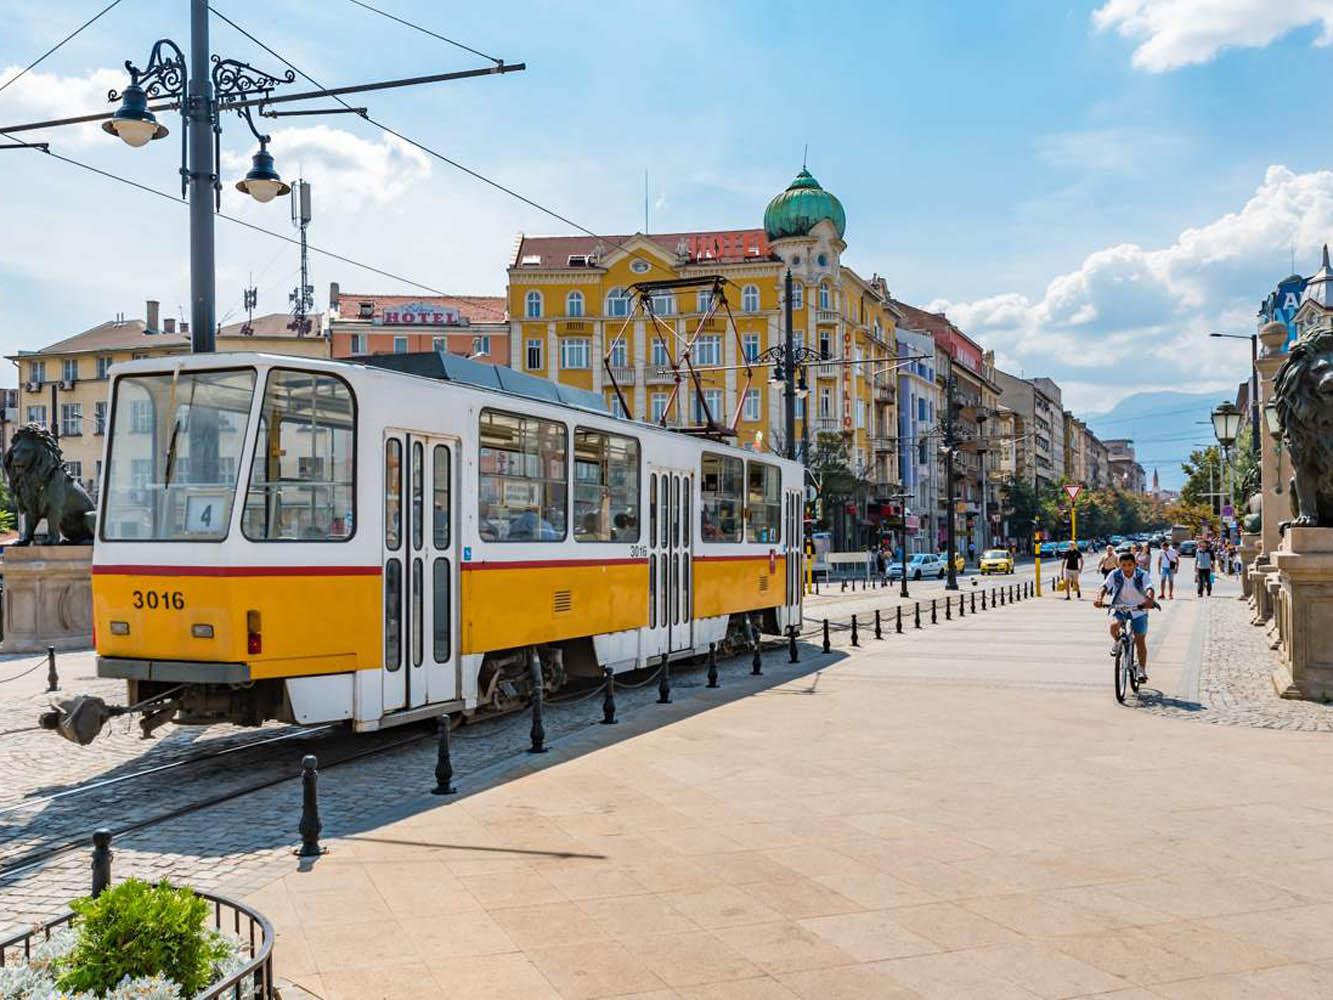 Φθηνοί προορισμοί στην Ευρώπη-Βουλγαρία